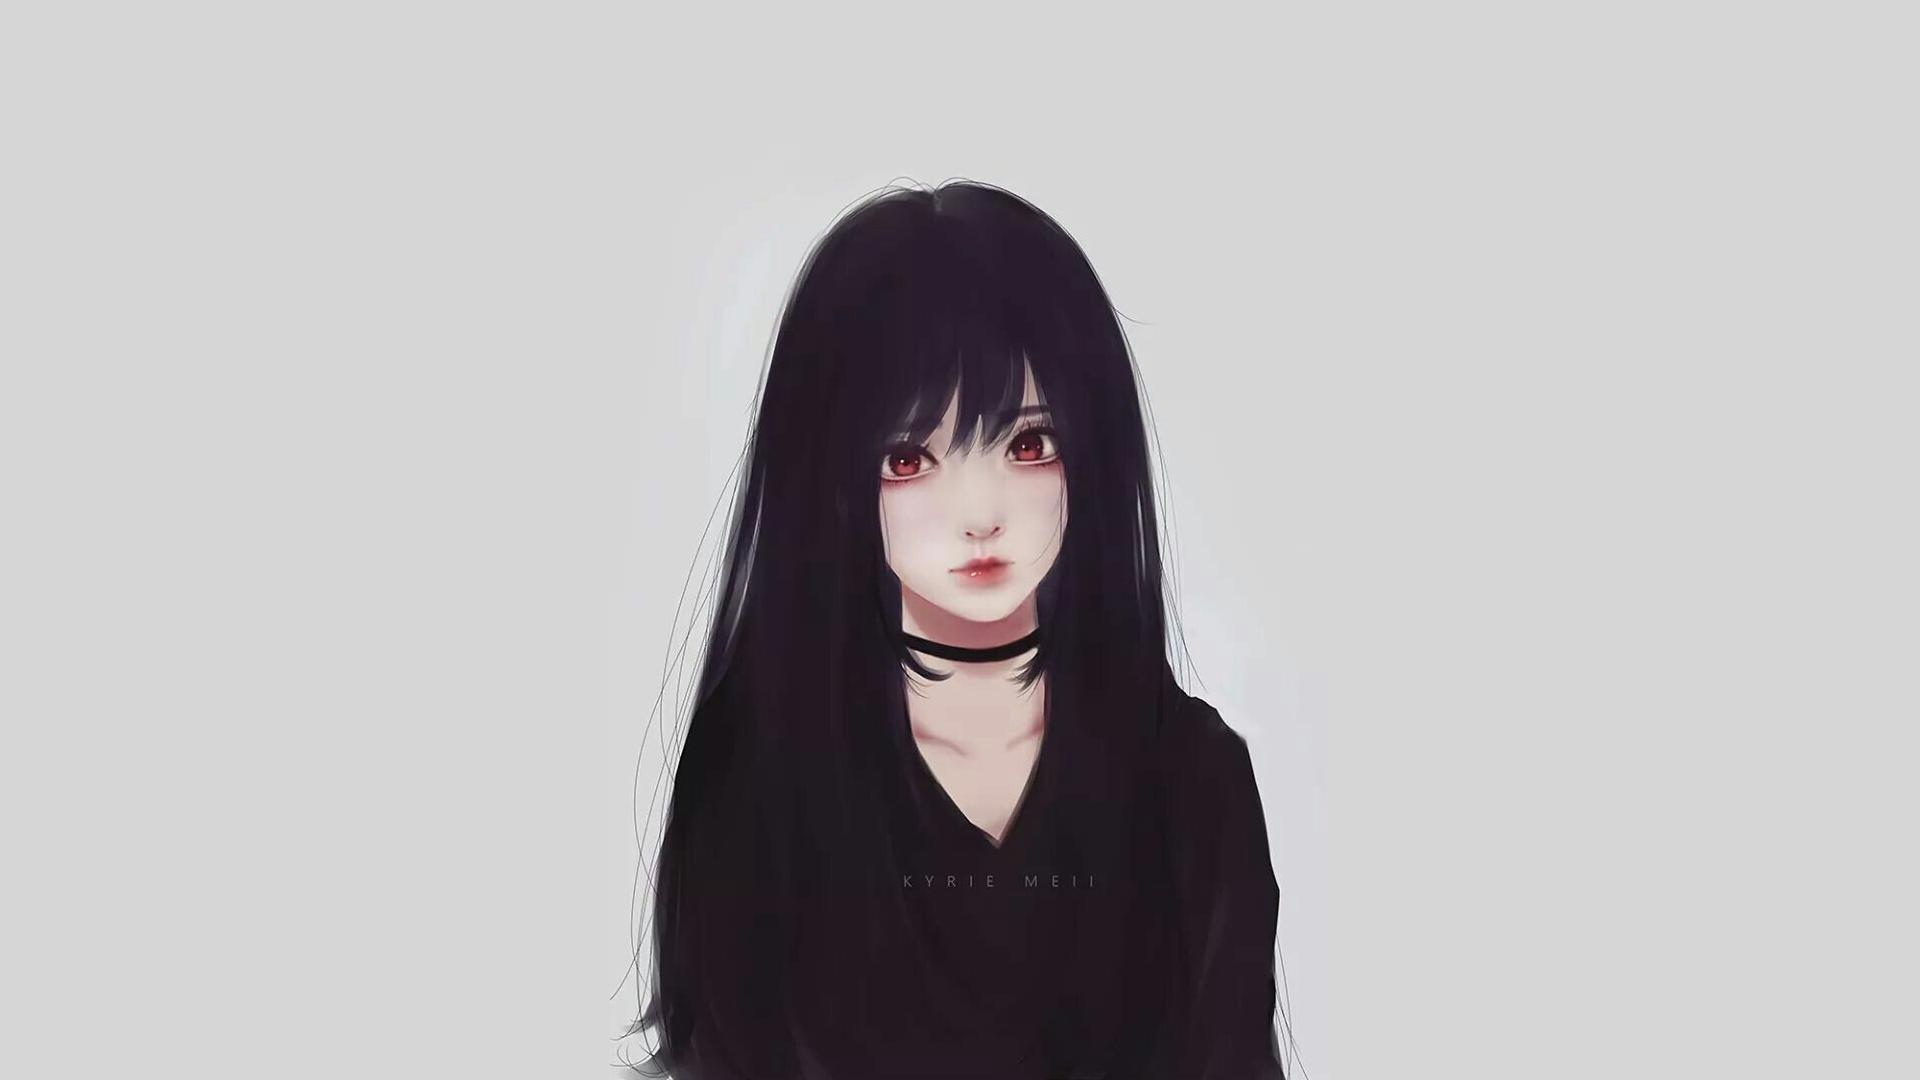 Wallpaper Anime Girls Black Hair Kyrie Meii 1920x1080